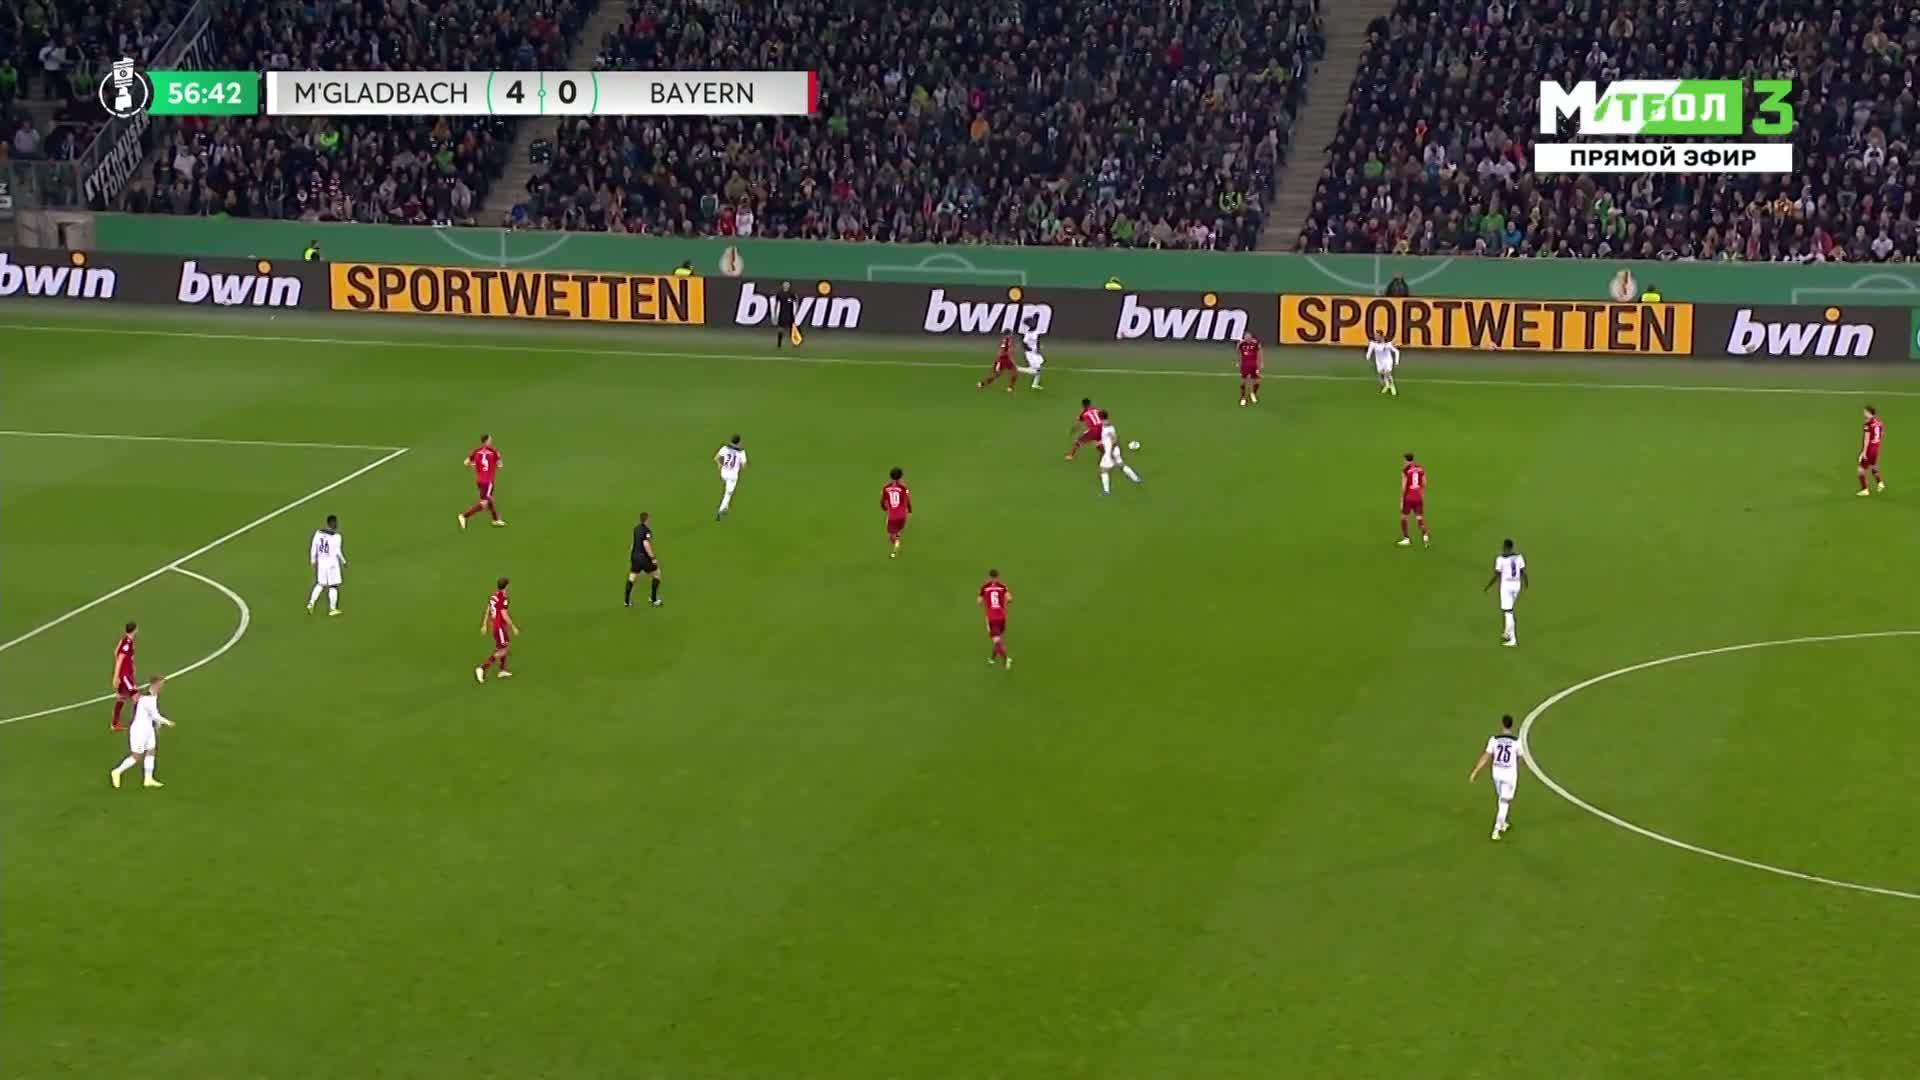 惨案!拜仁0-5落后门兴 恩博洛破门梅开二度